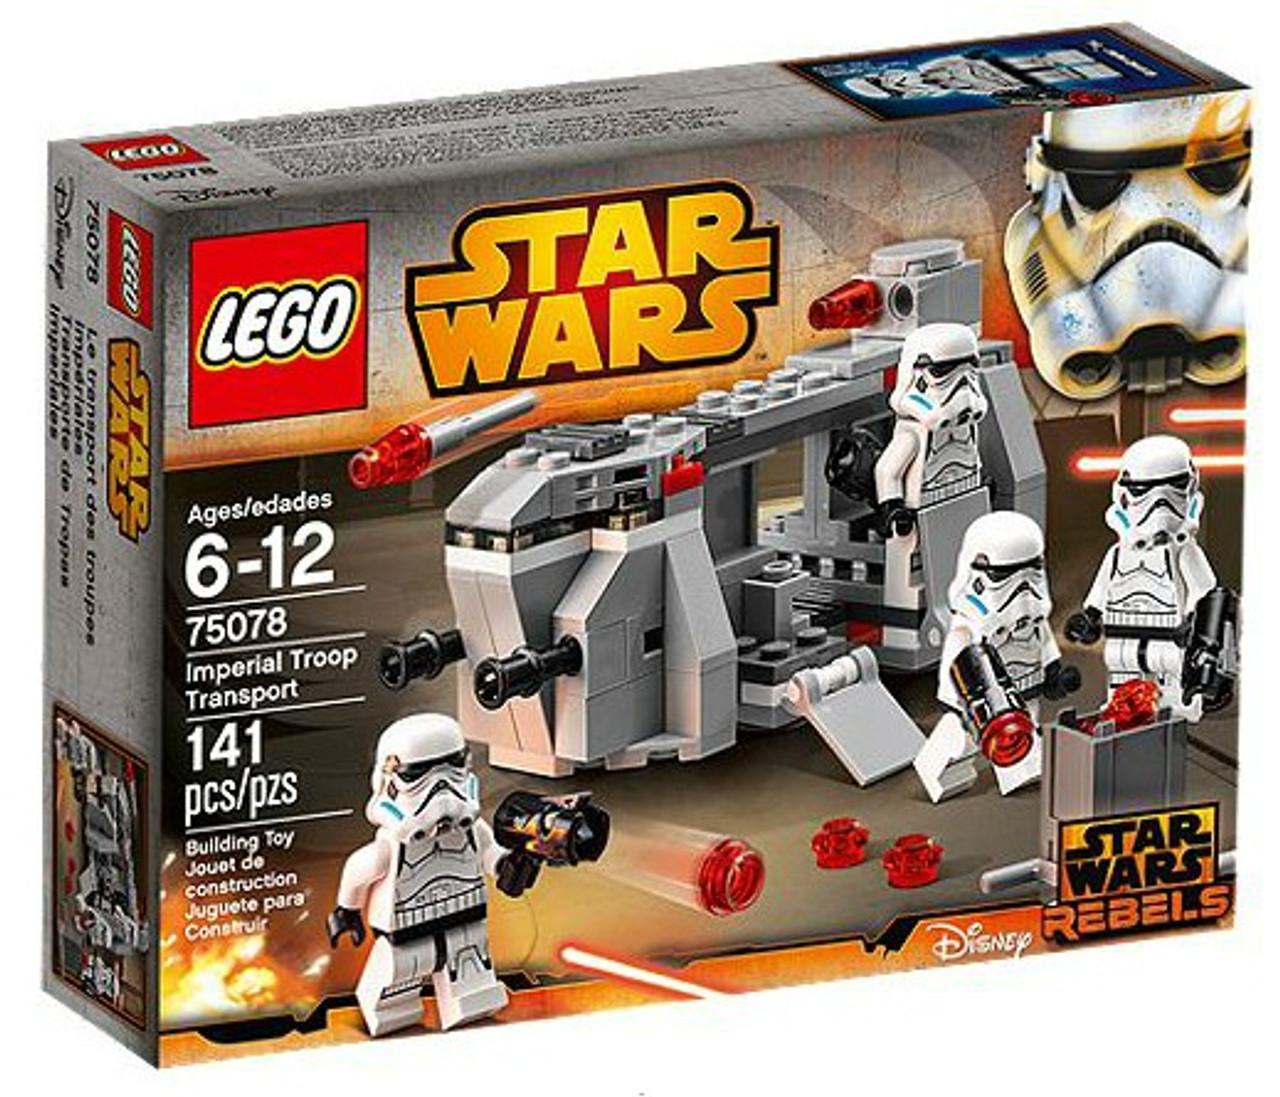 Lego Star Wars Rebels Imperial Troop Transport Set 75078 Toywiz